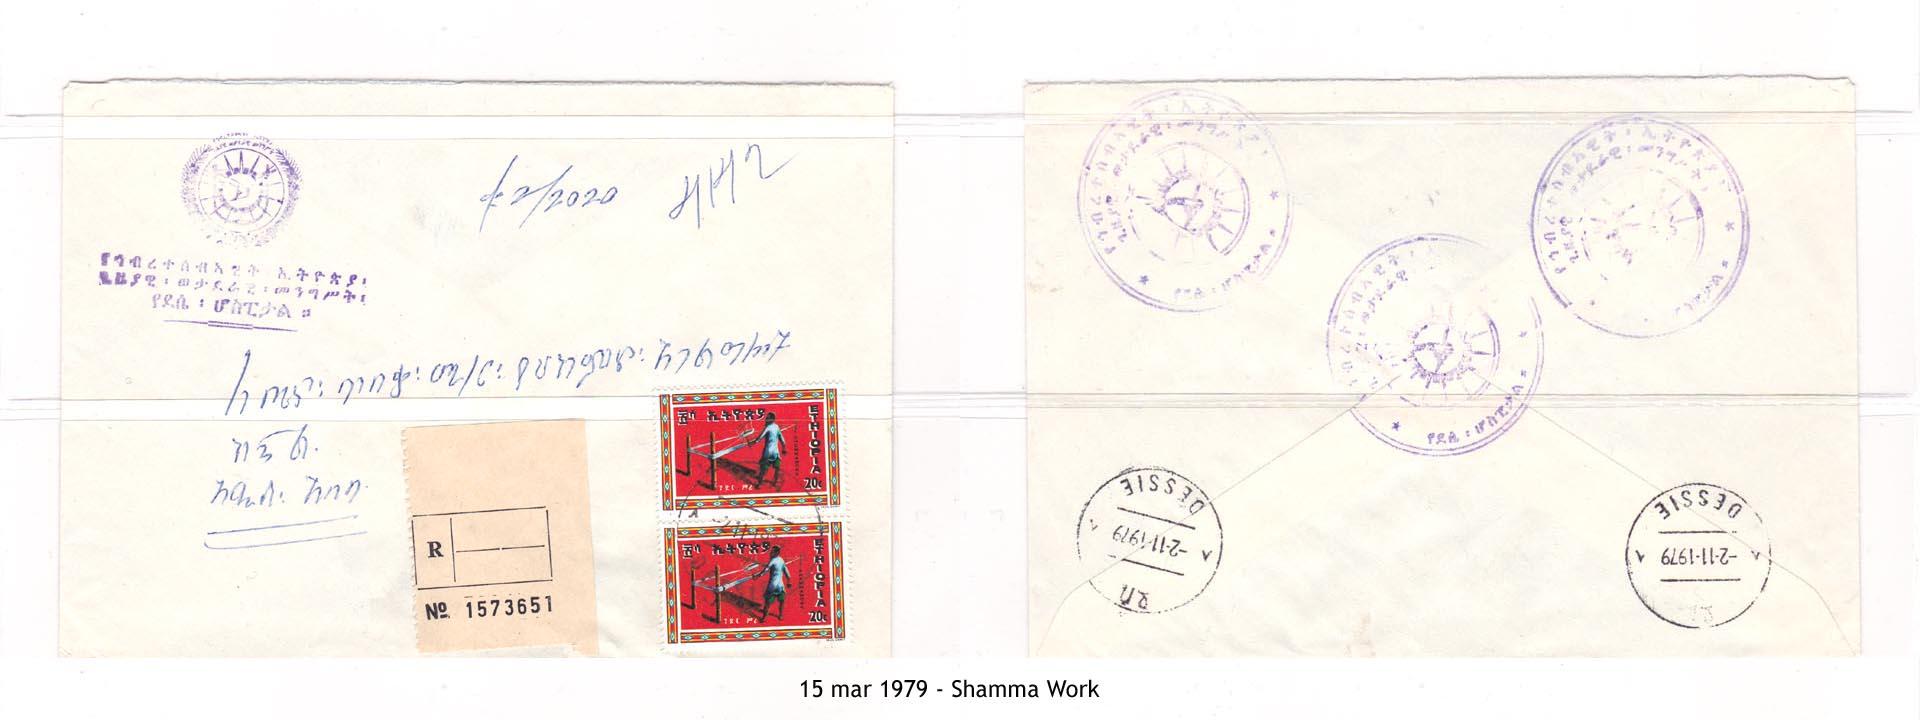 19790315 - Shamma Work z